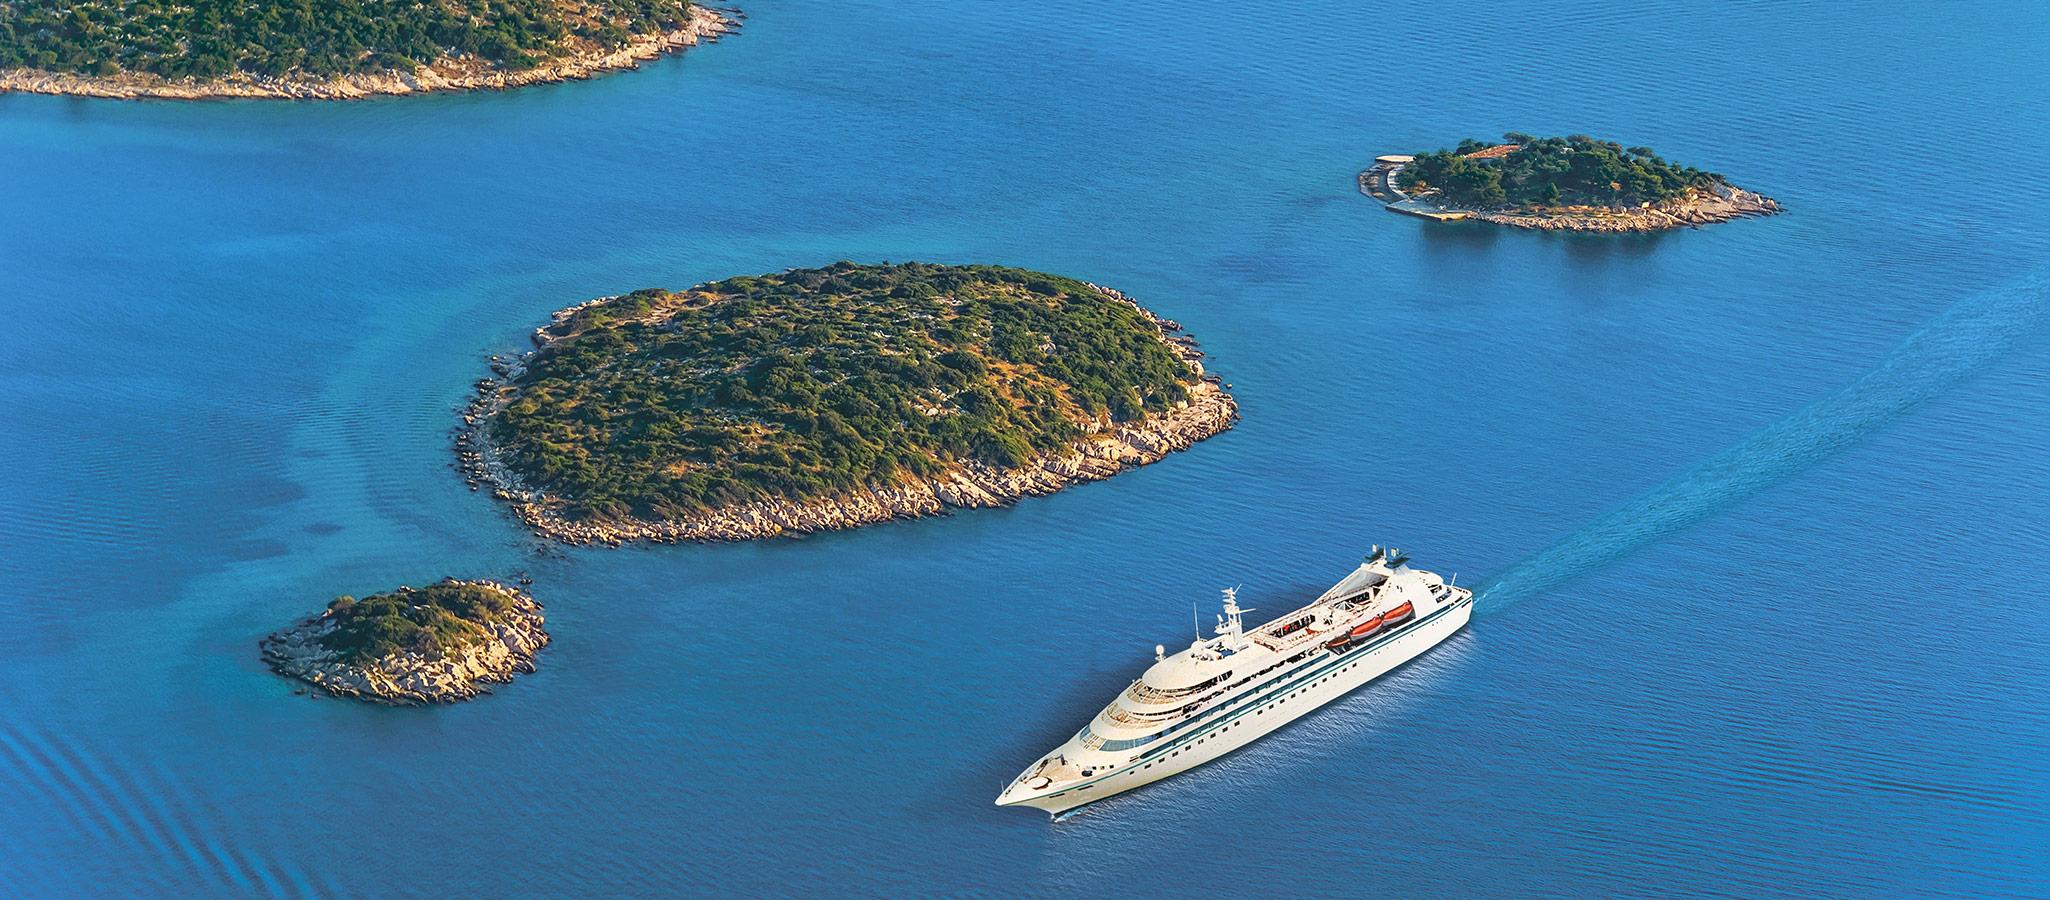 Kreuzfahrtschiffe der Kategorie bis 200 Passagiere werden Boutique-Schiffe genannt. Sie eignen sich hervorragend für Incentives mit ausgefallenem See- und Landprogramm.